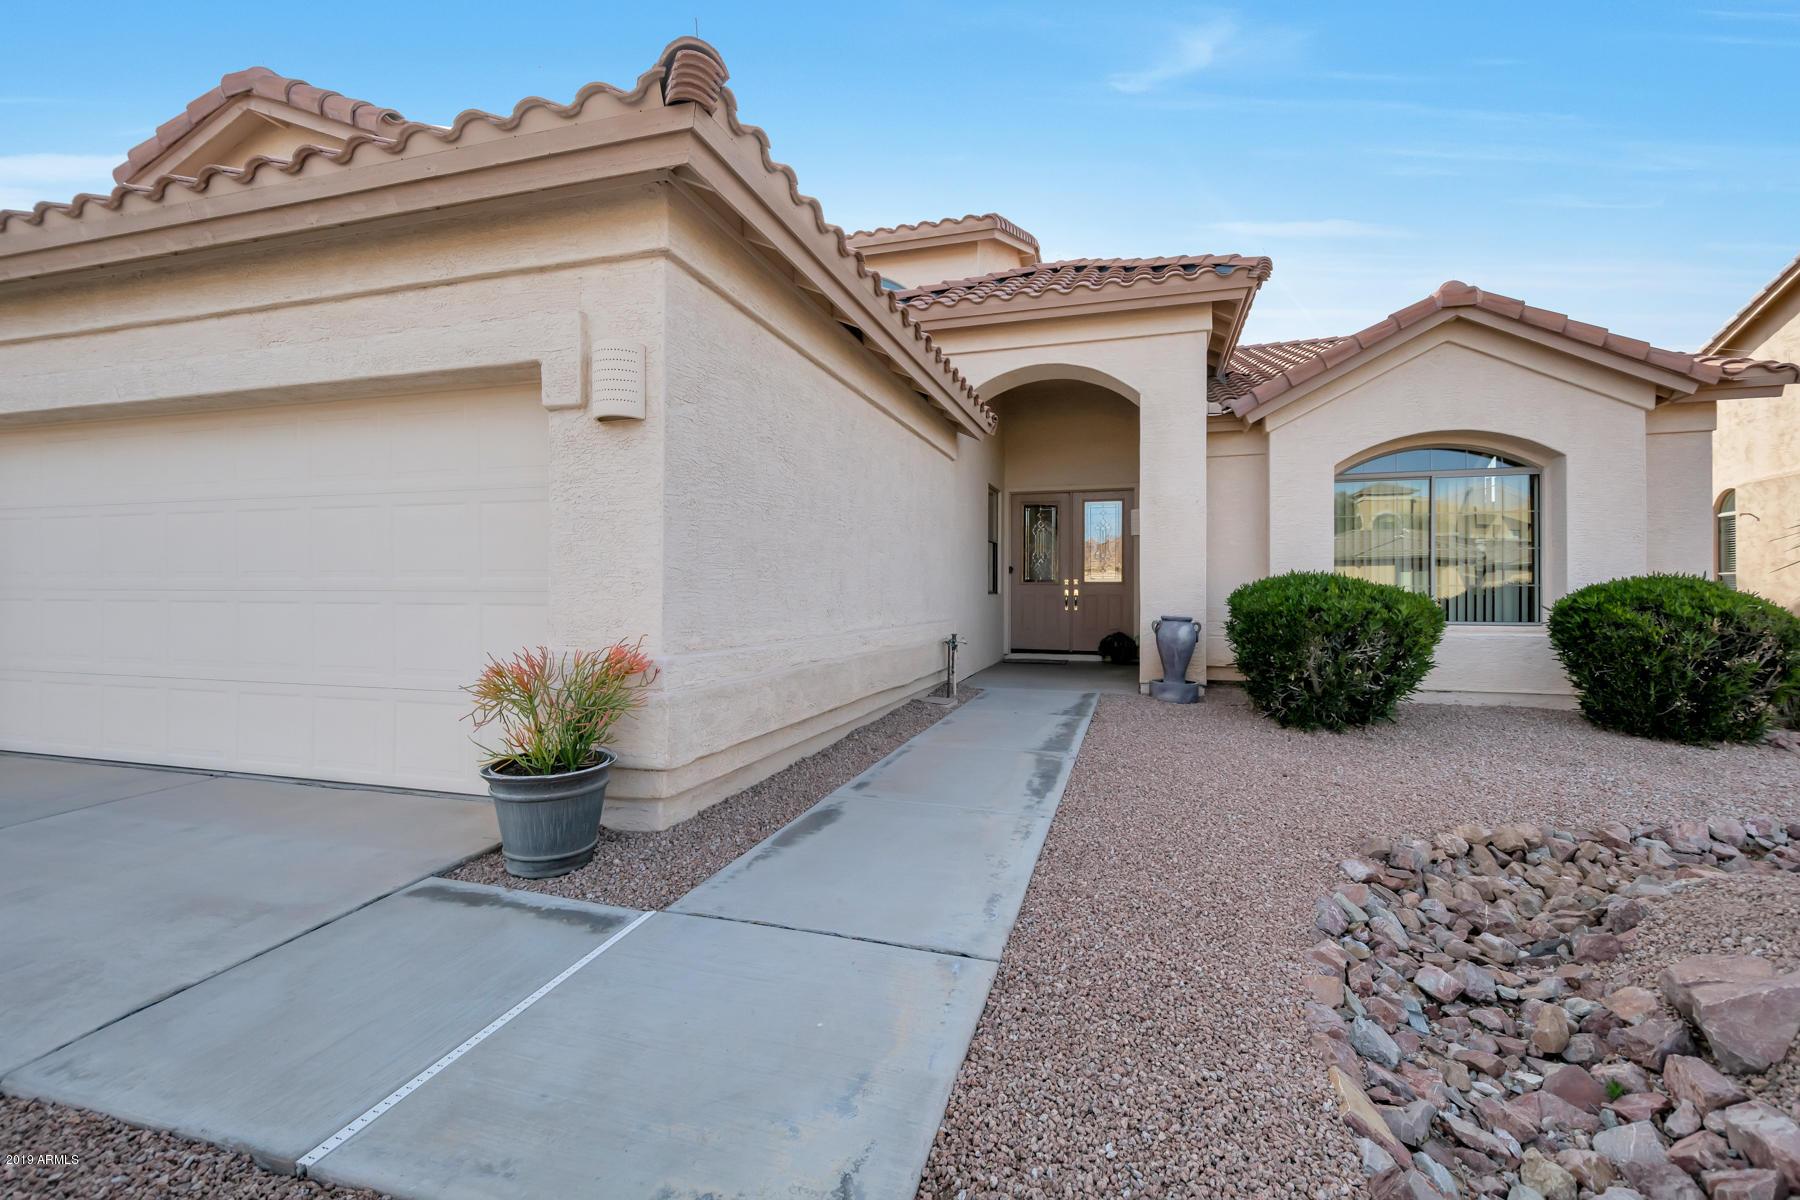 Photo for 25030 S Lakeway Drive, Sun Lakes, AZ 85248 (MLS # 5885846)